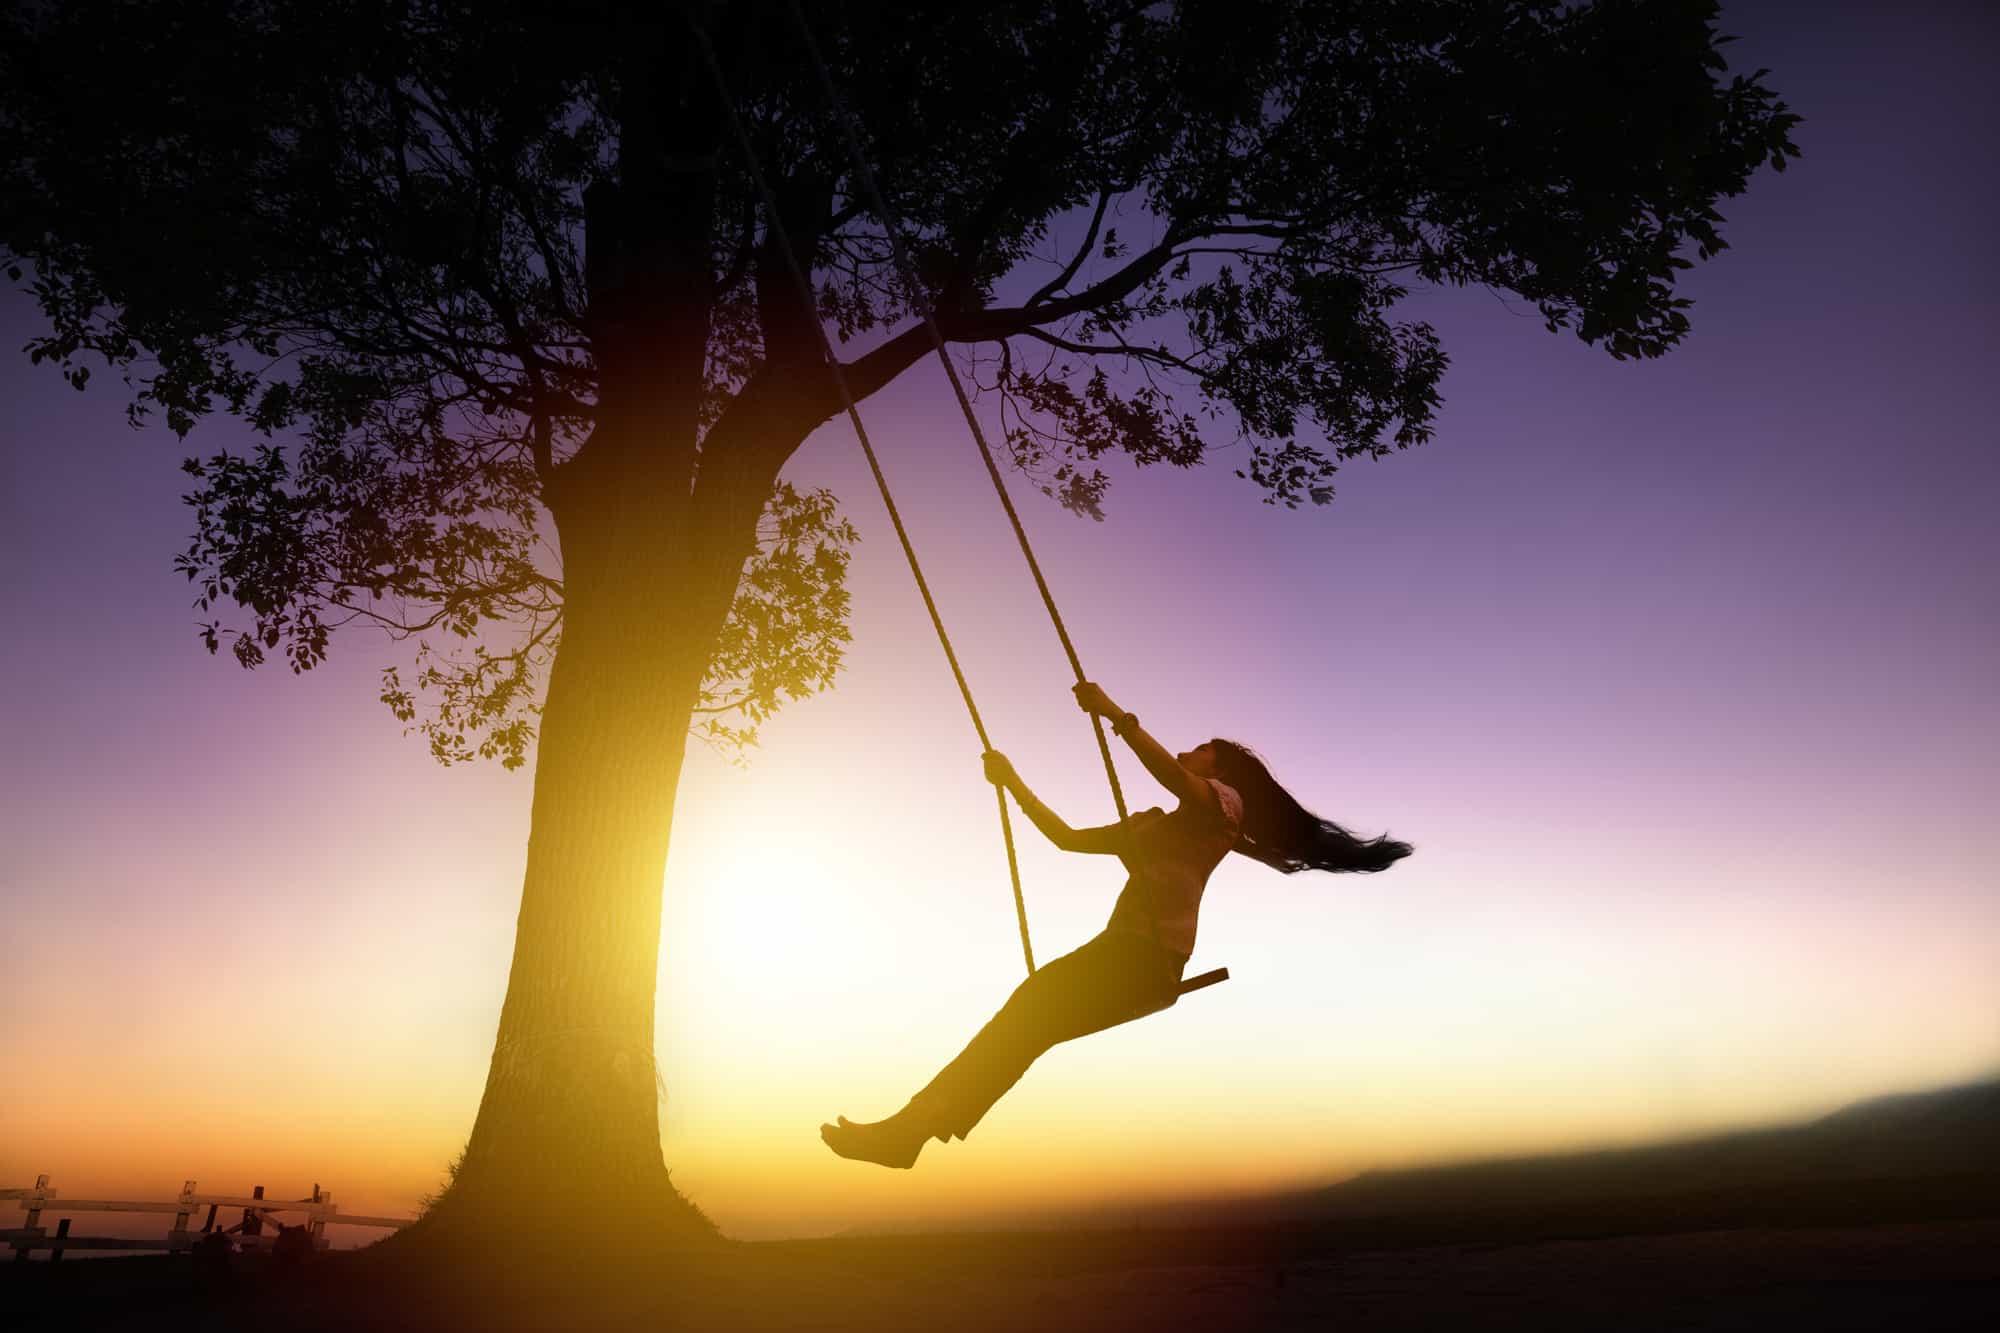 woman on swing in silhouette